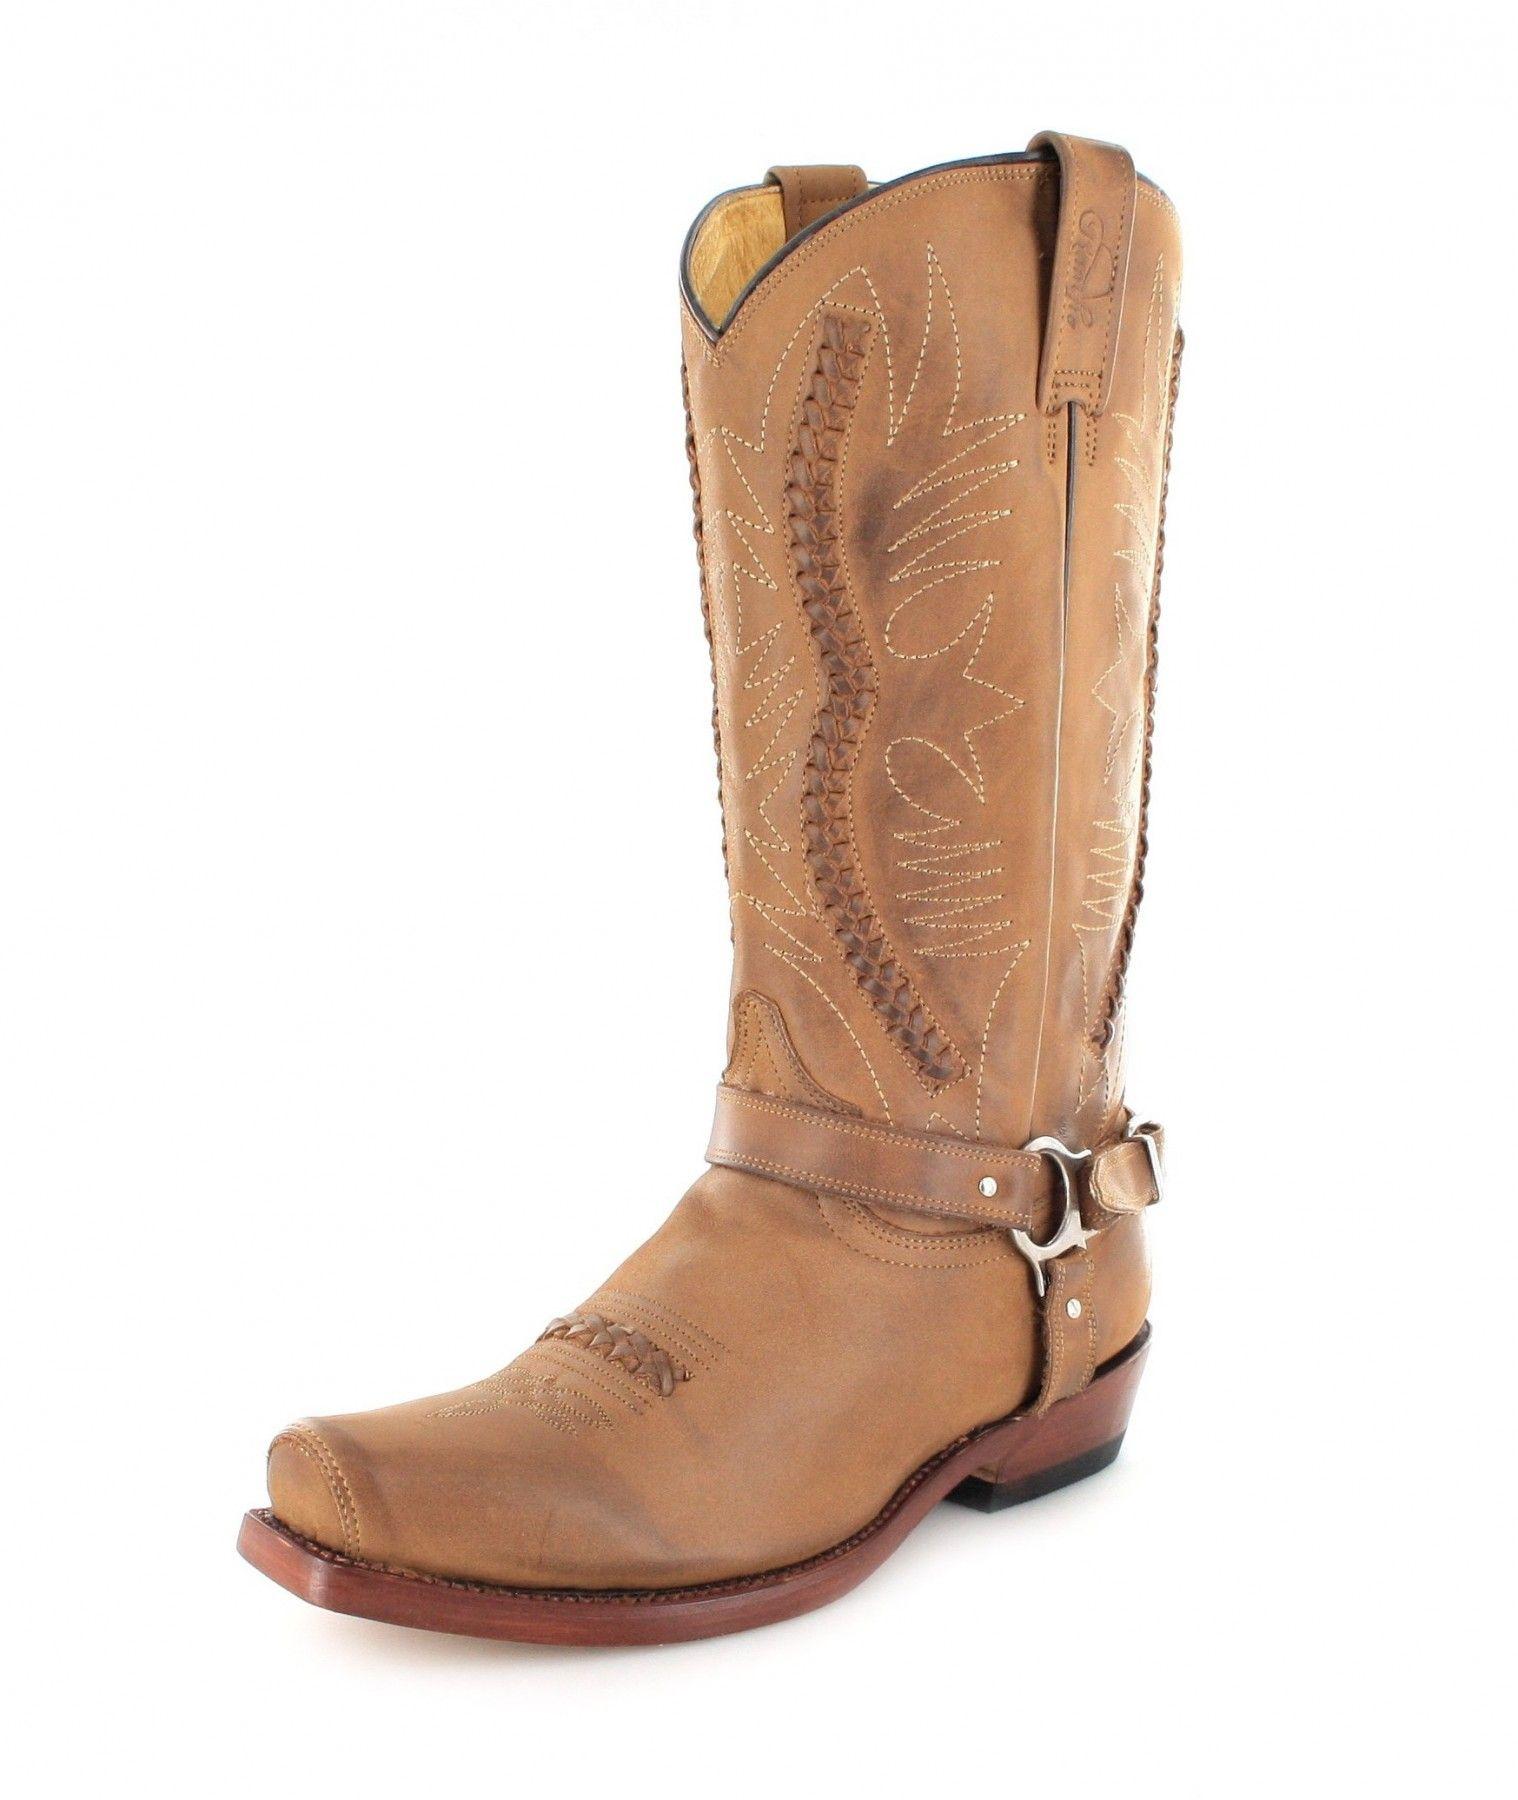 Rancho Biker Boot MEXICAN braun Stiefel Cowboystiefel